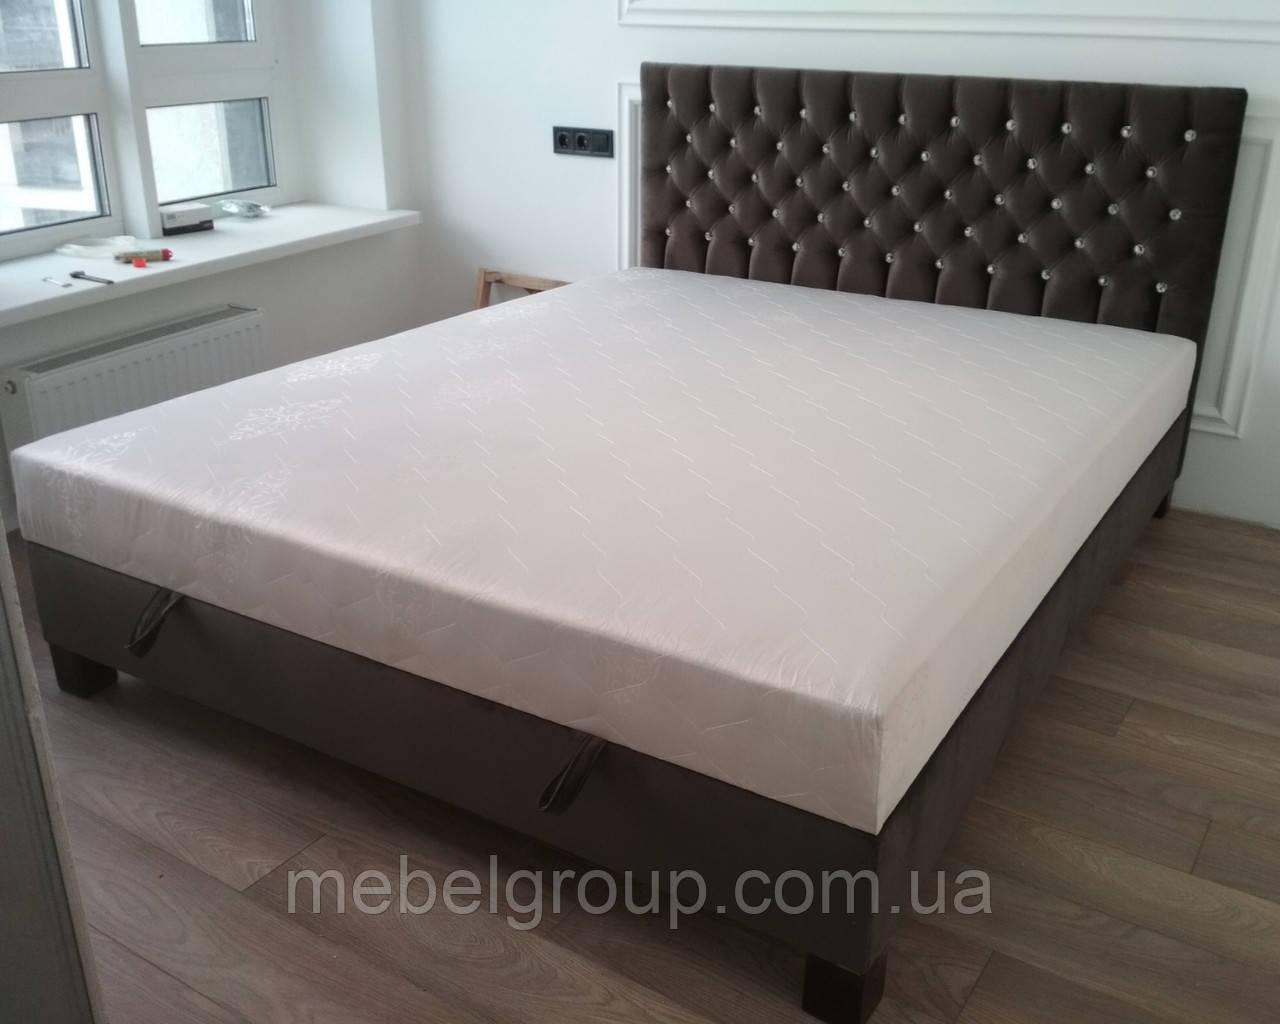 Ліжко Шахеризада 160*200 з матрацом